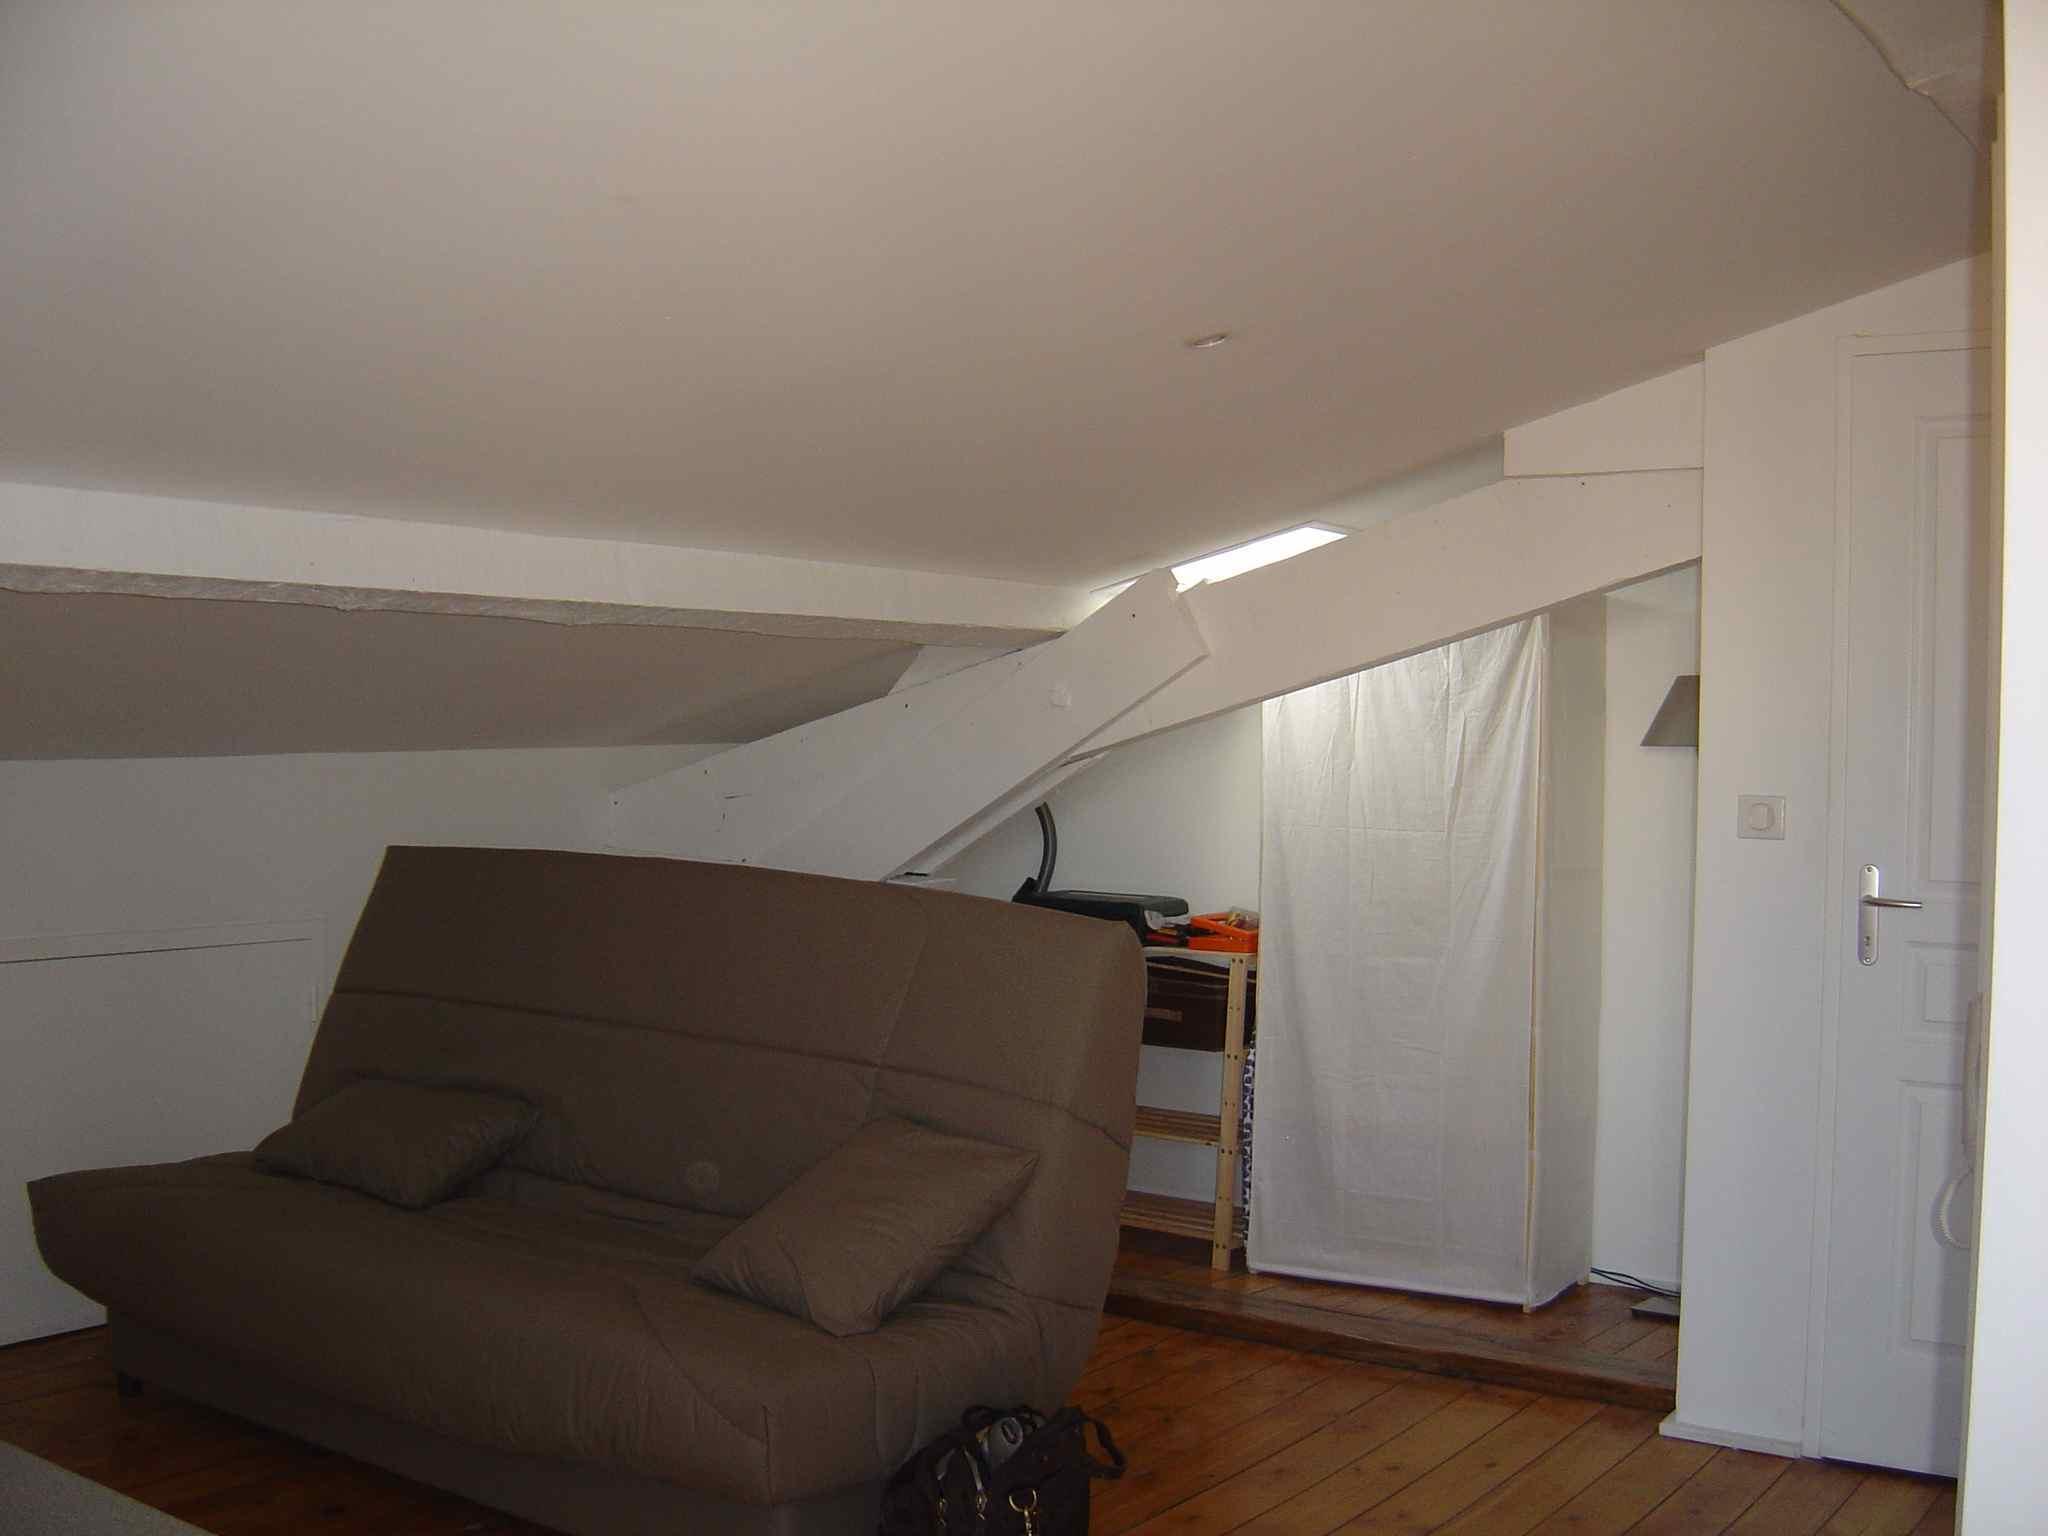 Studio 3ème étage 15 m2 TOULOUSE boulevard Matabiau Proche centre Métro A Marengo SNCF (99) - DSC06046.jpg